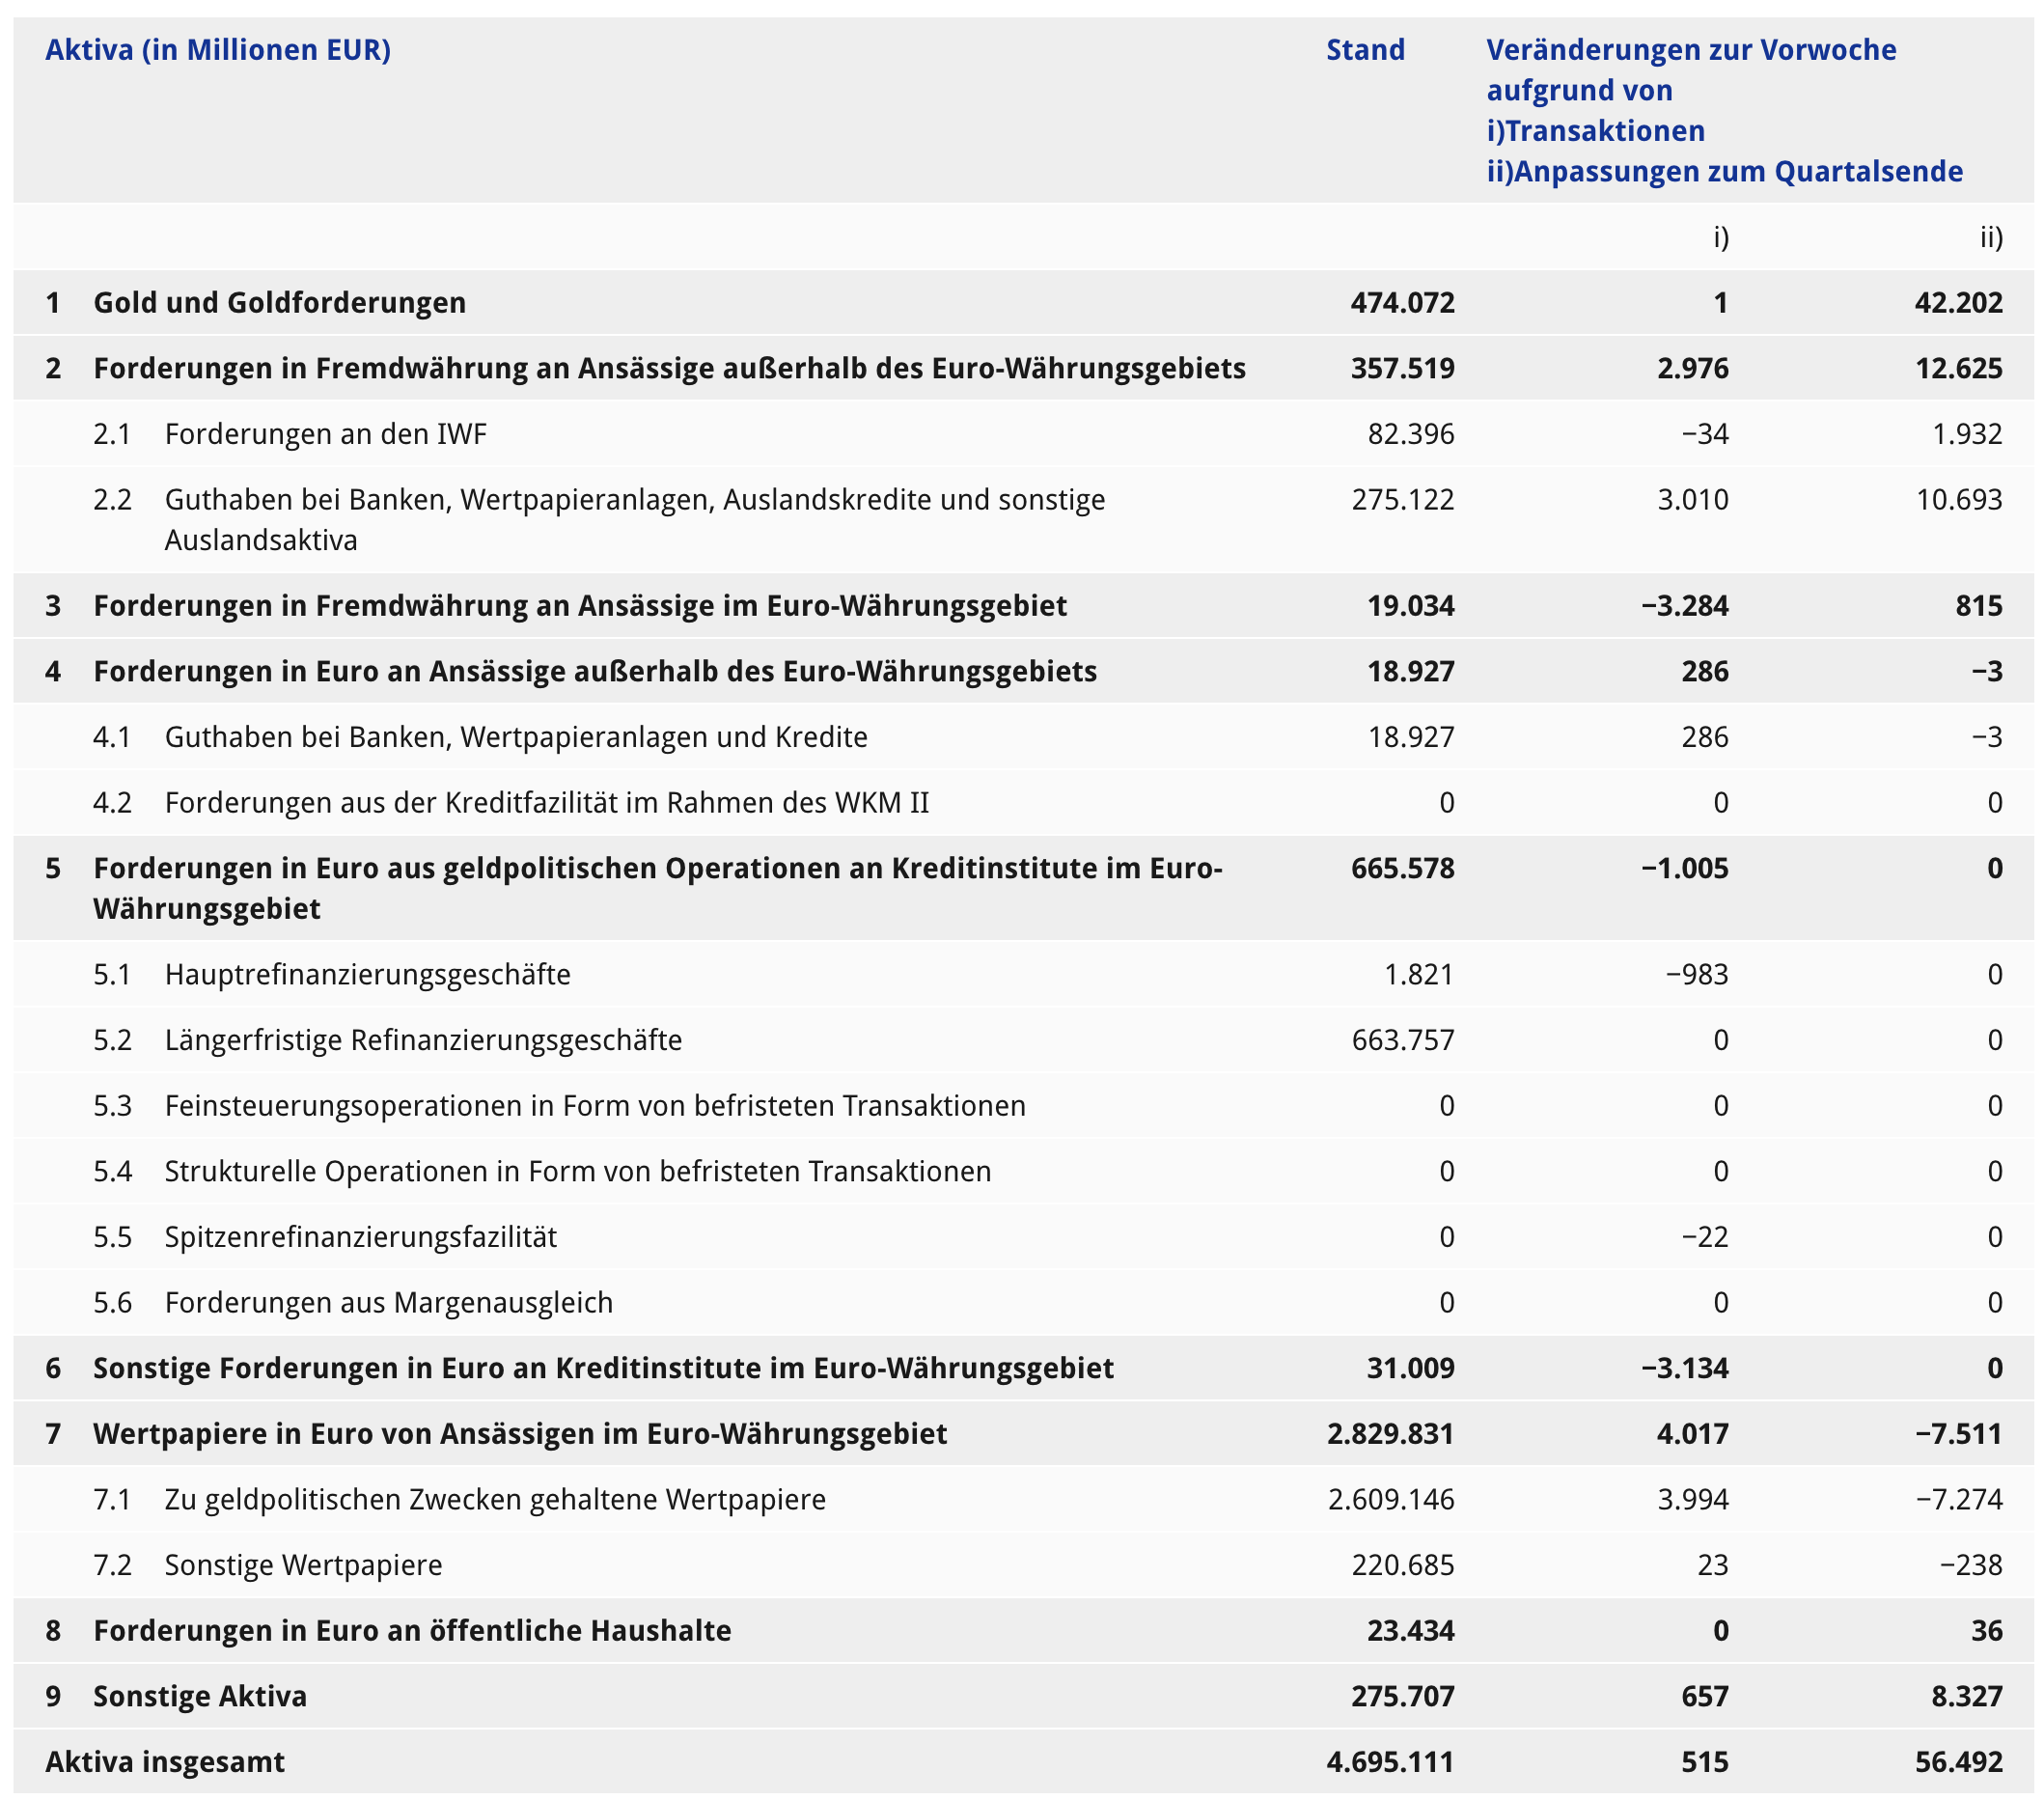 EZB Bilanz vom 4. Oktober, heute veröffentlicht